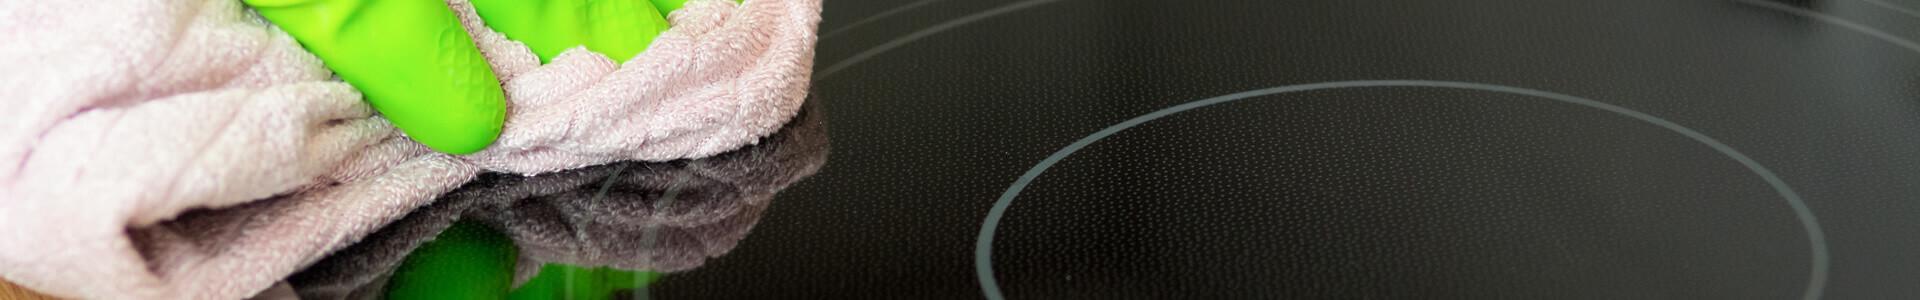 ceranfeld zerkratzt ceranfeld kleben with ceranfeld zerkratzt kratzer glaskeramik kochfeld. Black Bedroom Furniture Sets. Home Design Ideas